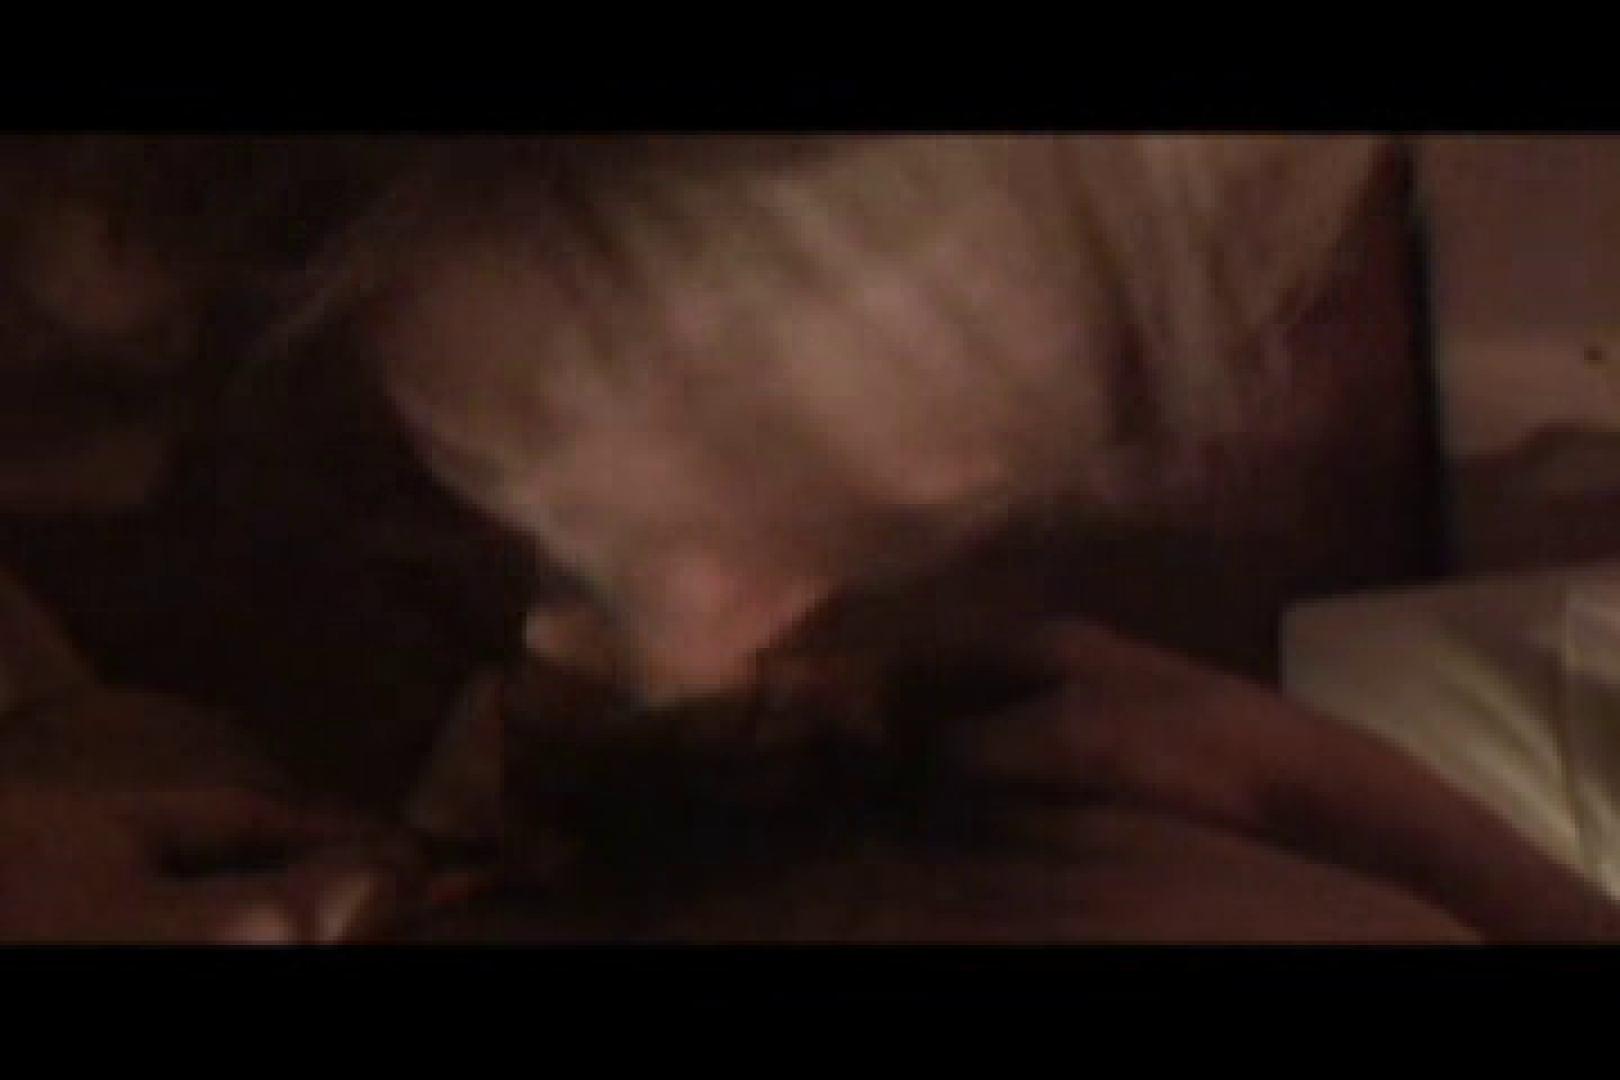 イケメン,s VOL.4 KISS ゲイアダルトビデオ画像 91pic 81